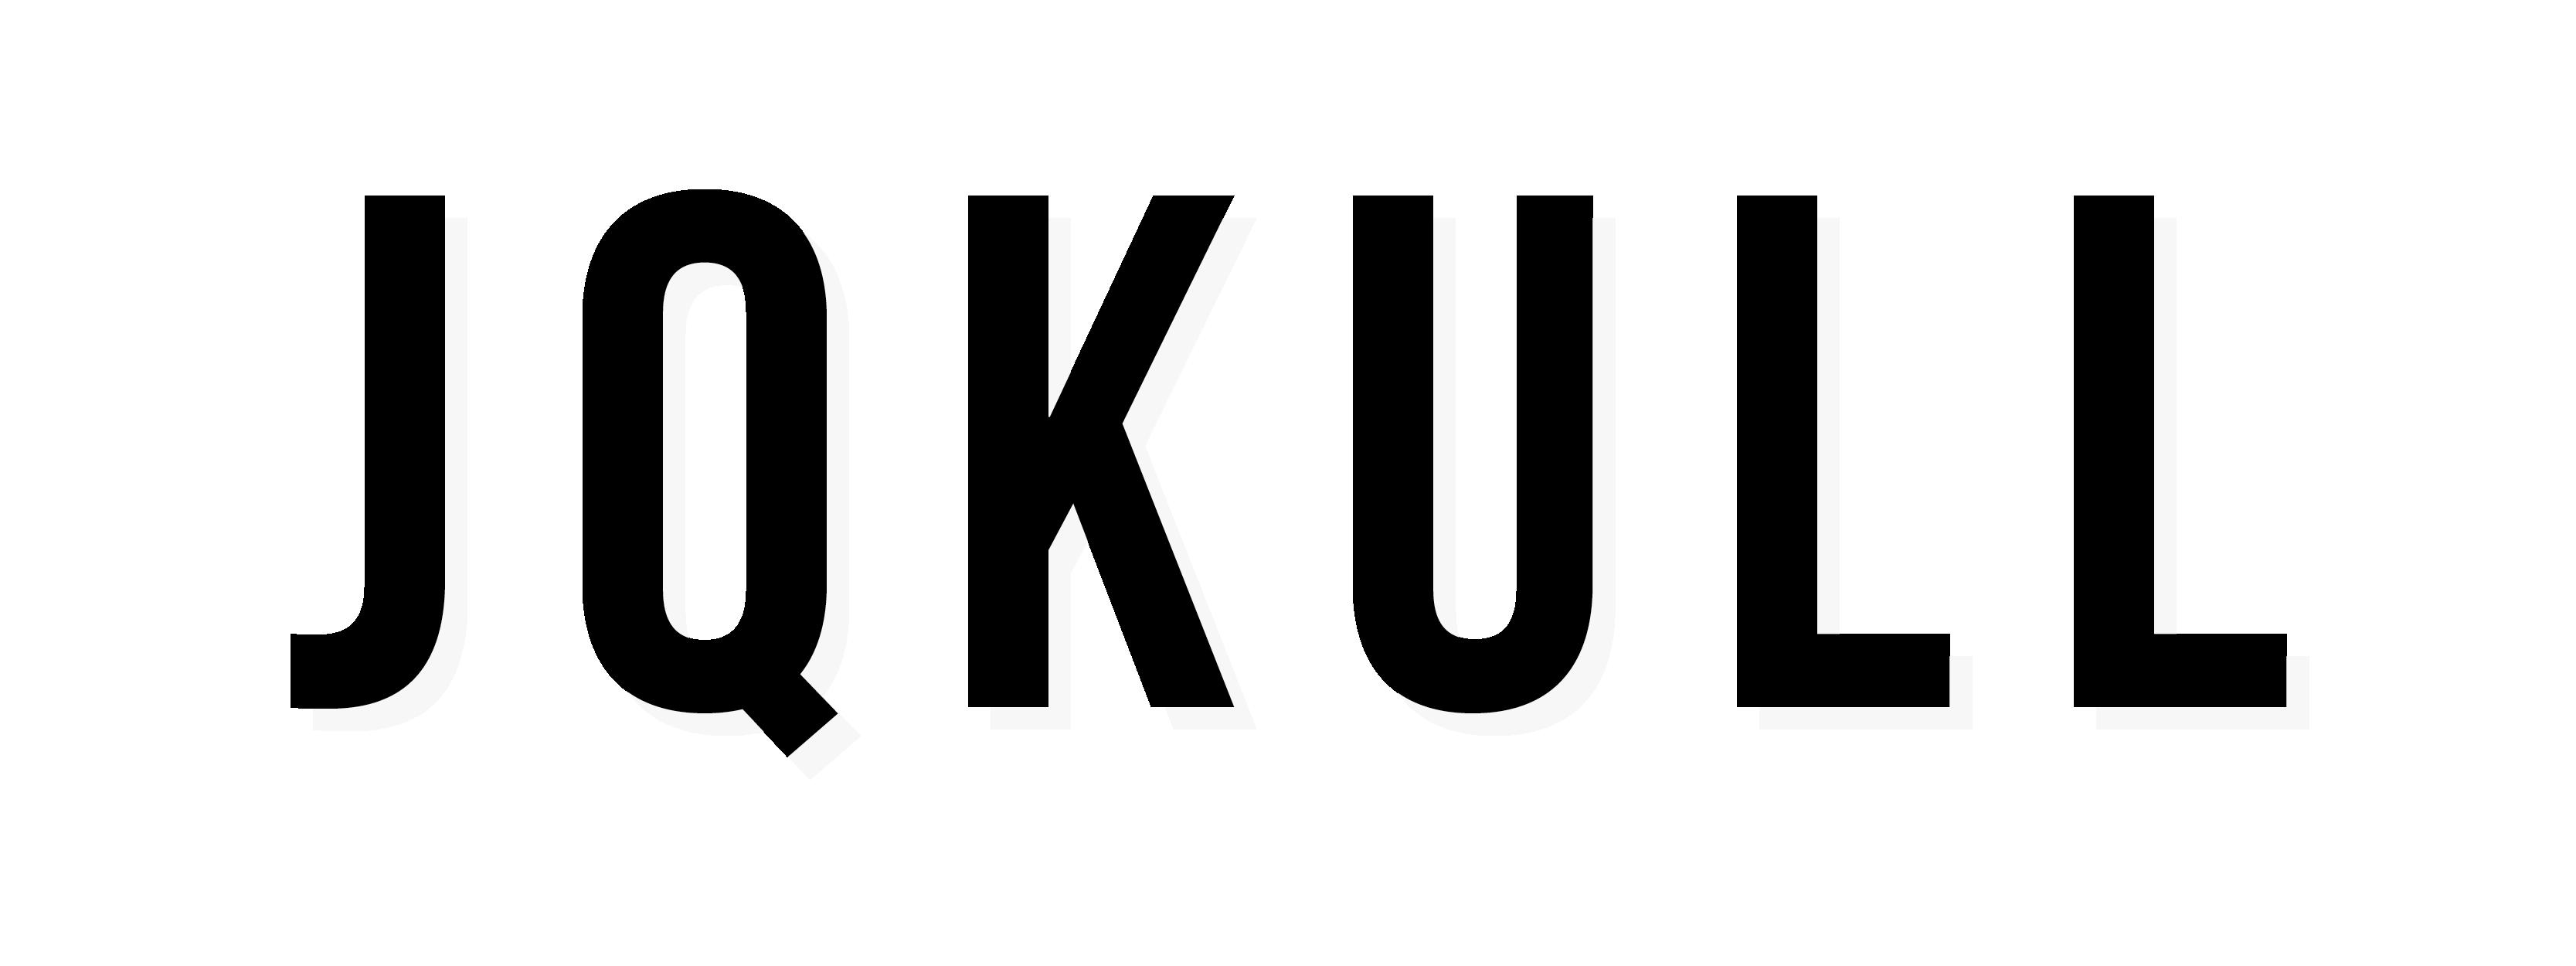 Jǫkull